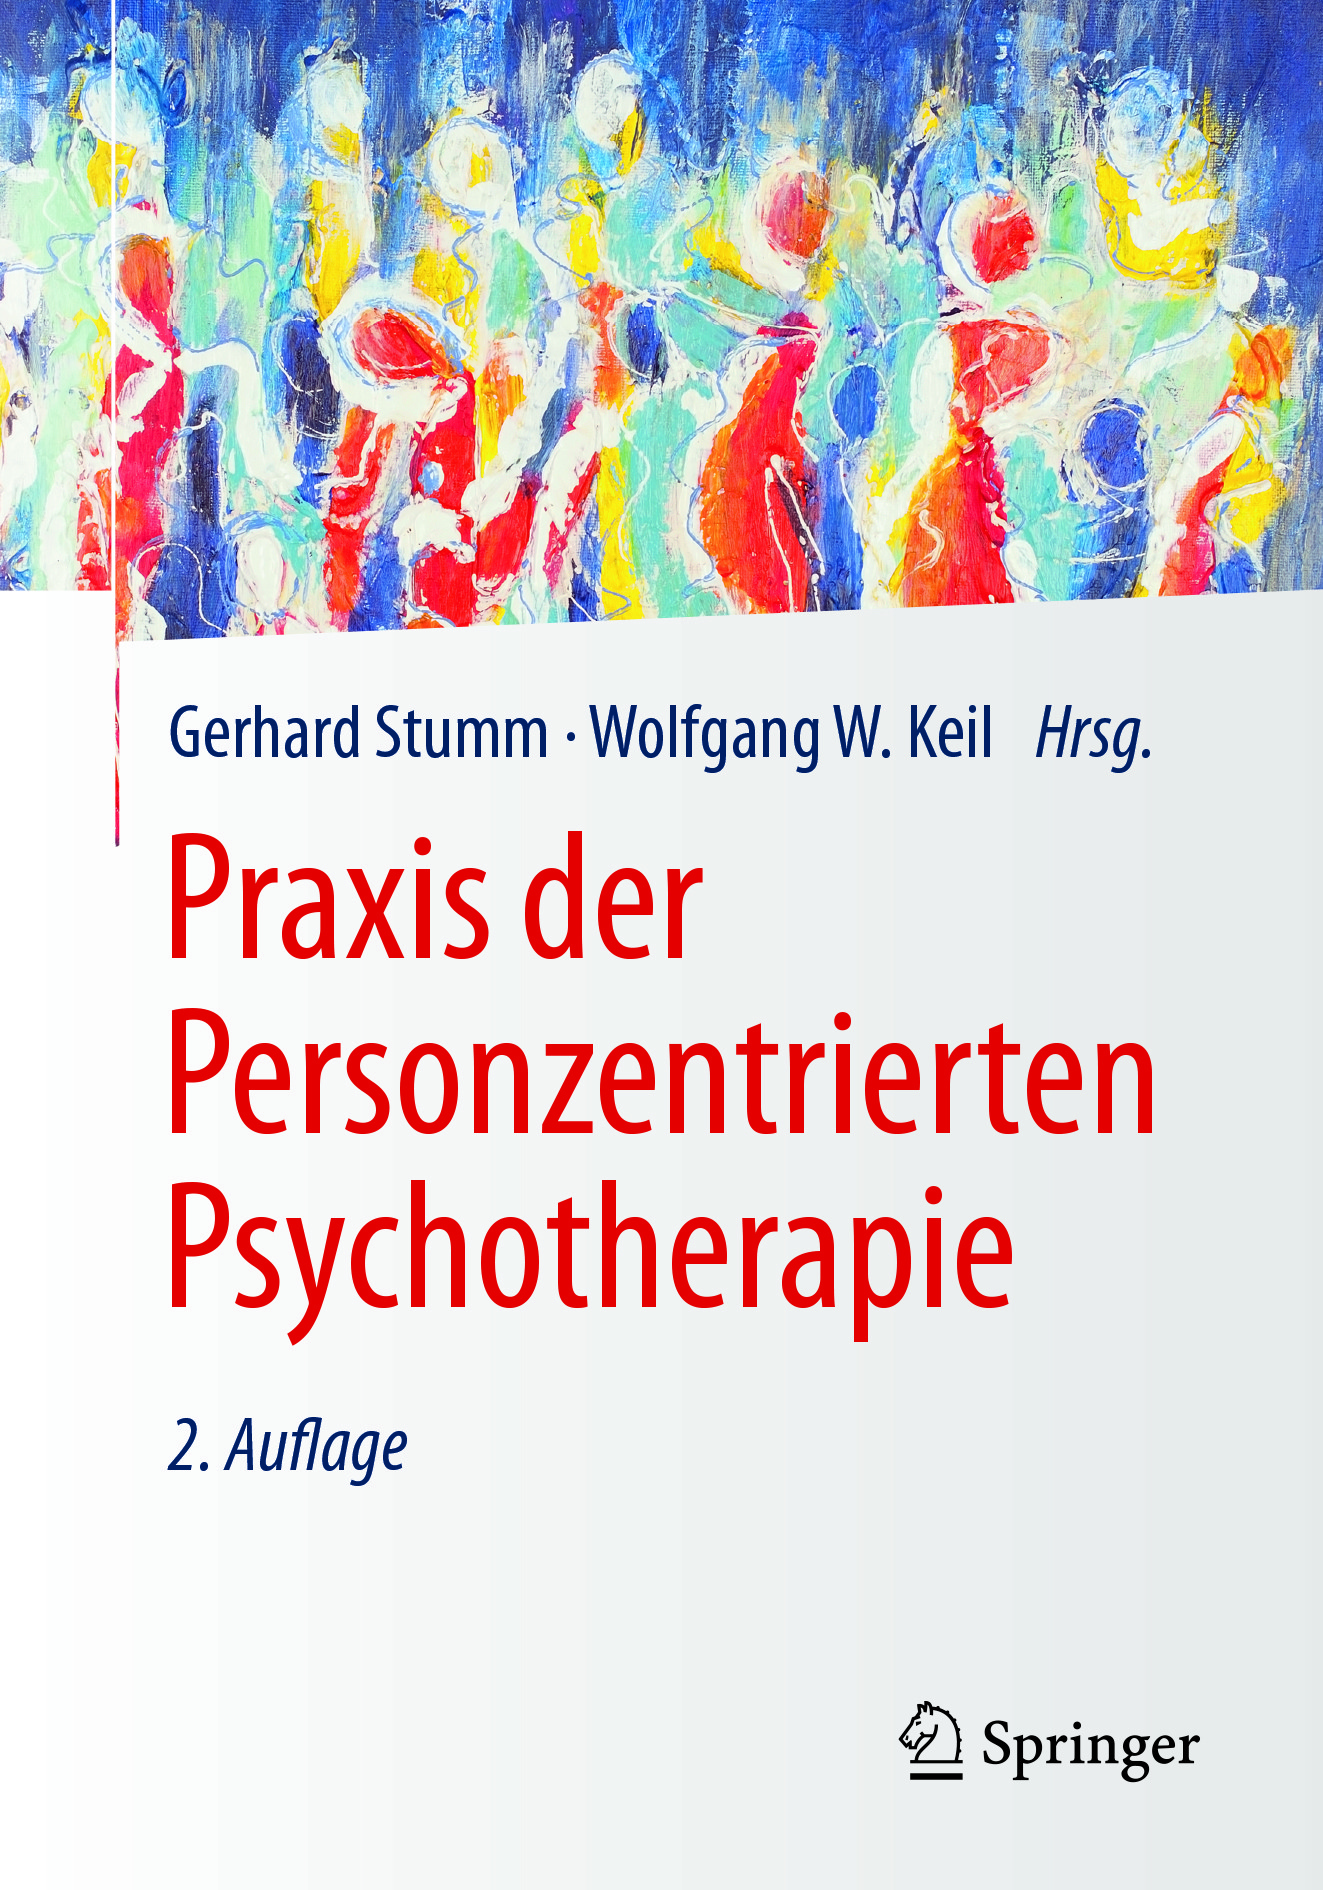 Keil, Wolfgang W. - Praxis der Personzentrierten Psychotherapie, ebook